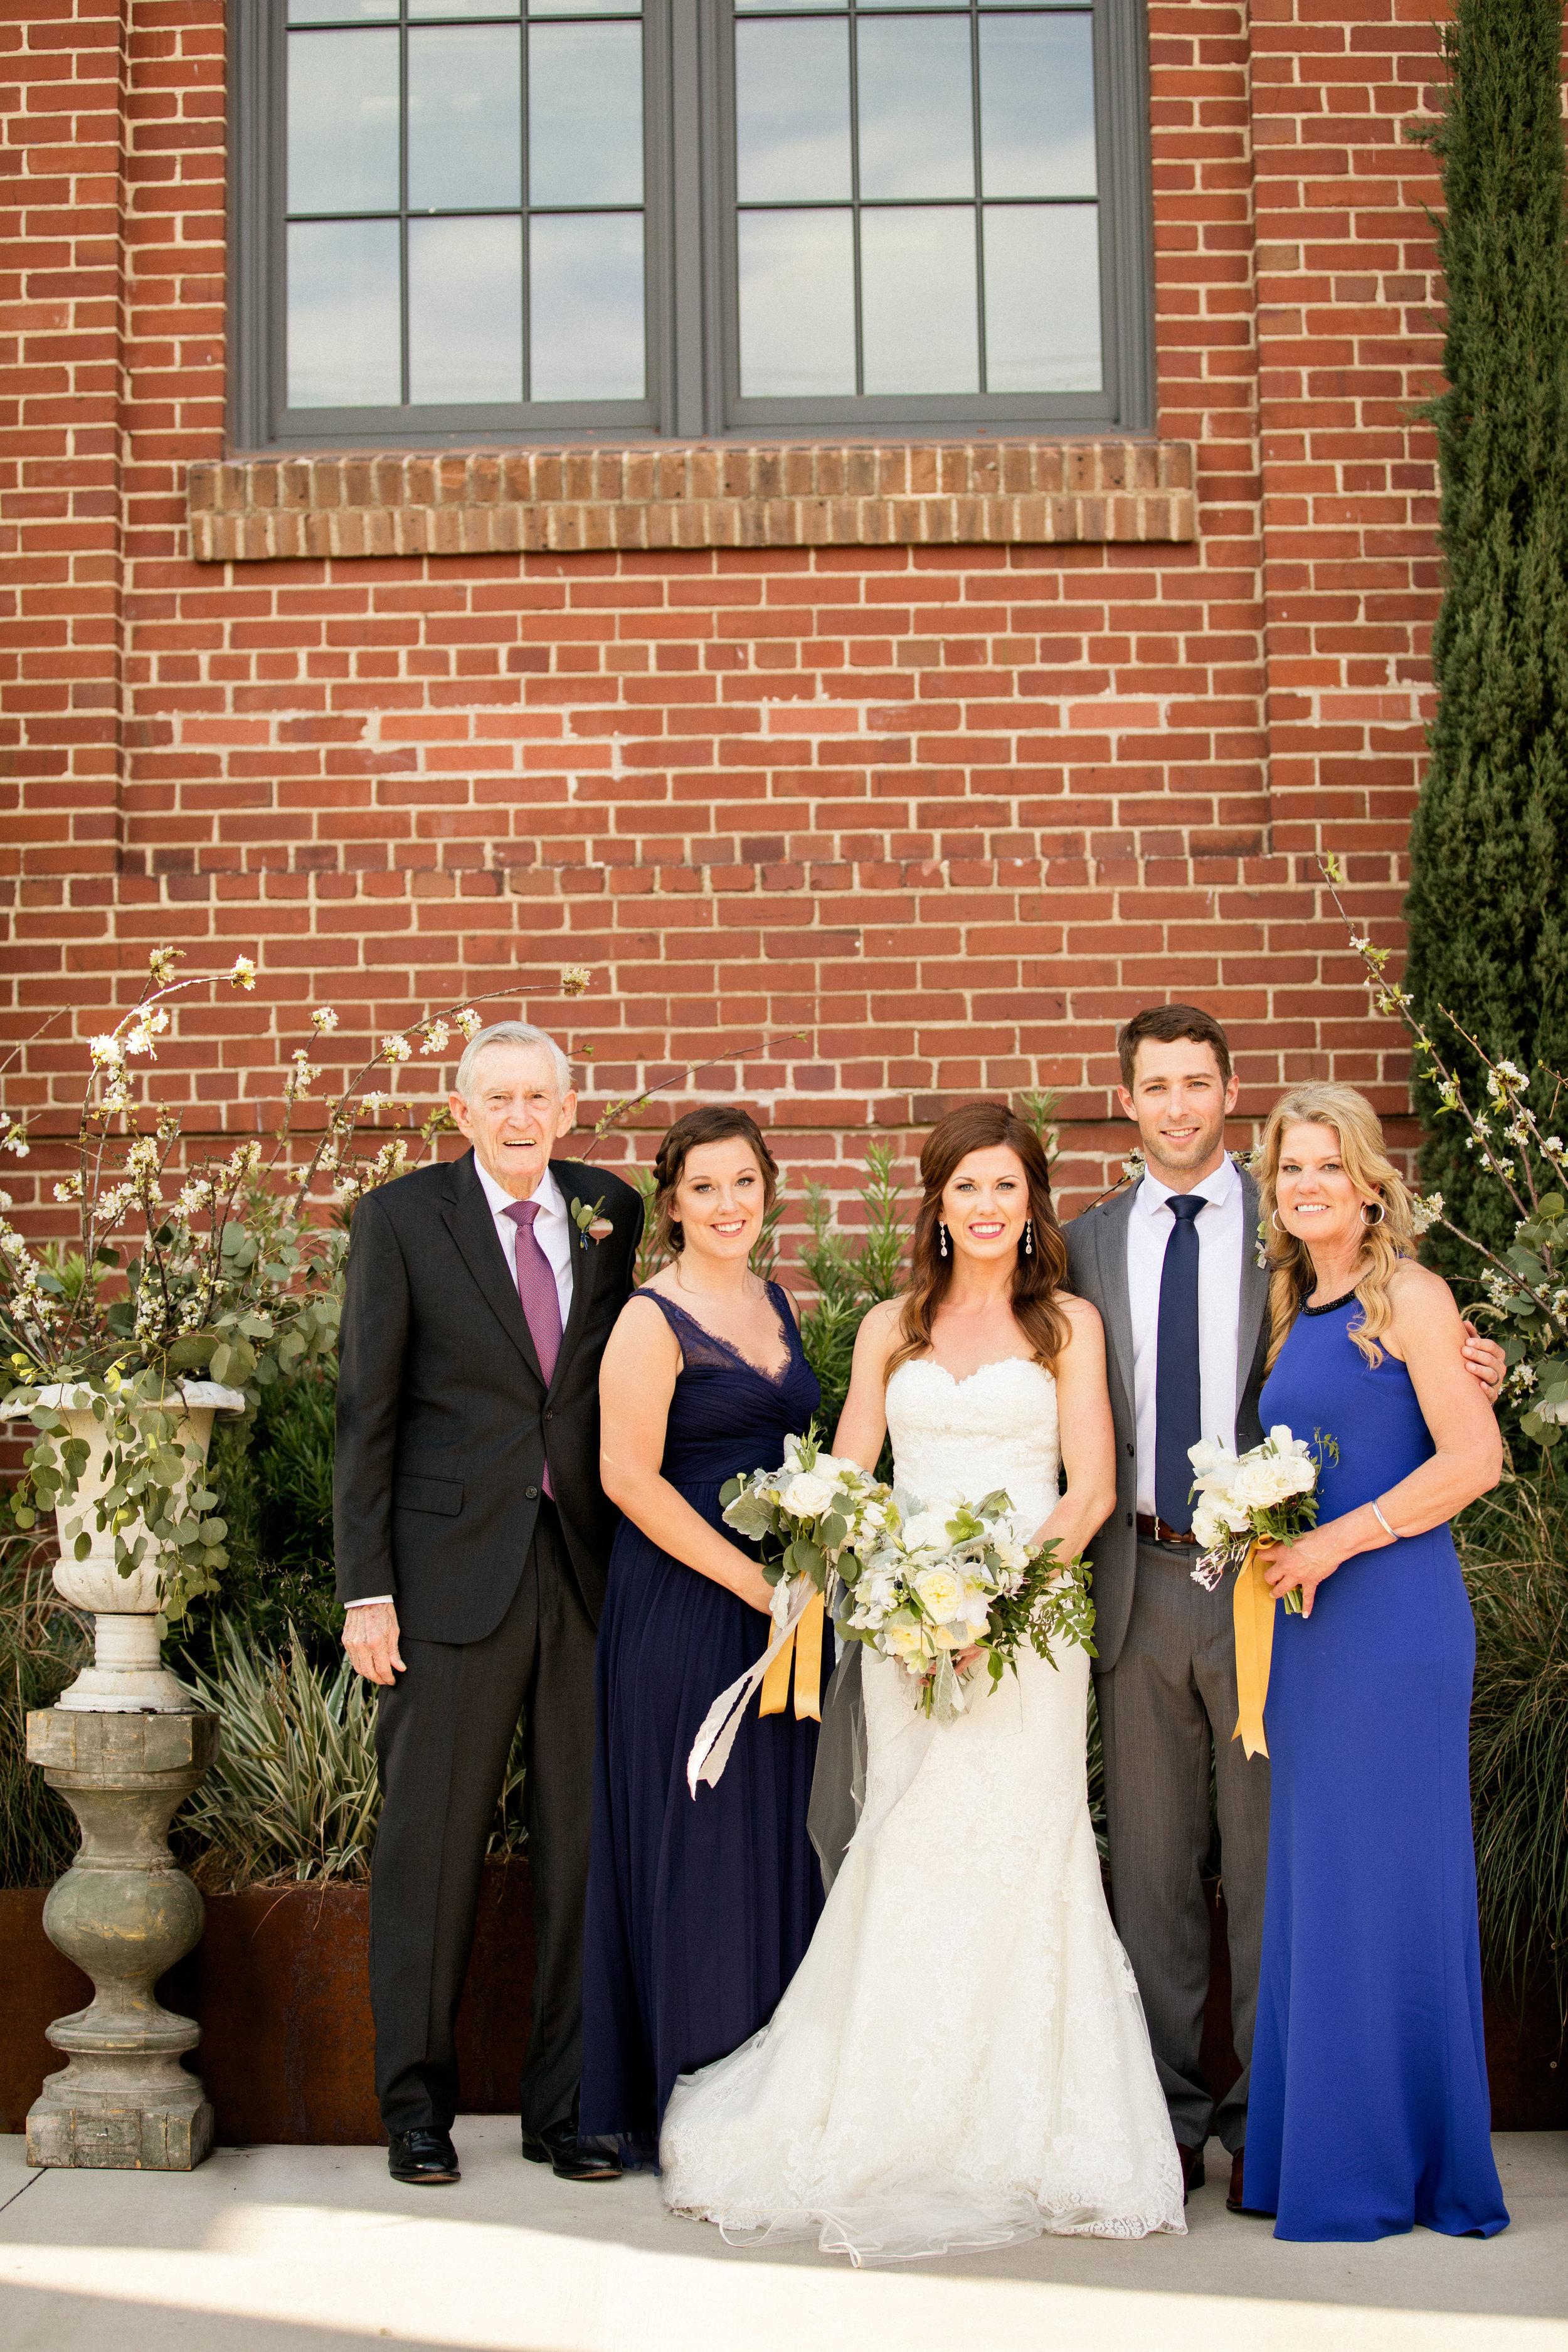 Wedding-598_edit_small.jpg